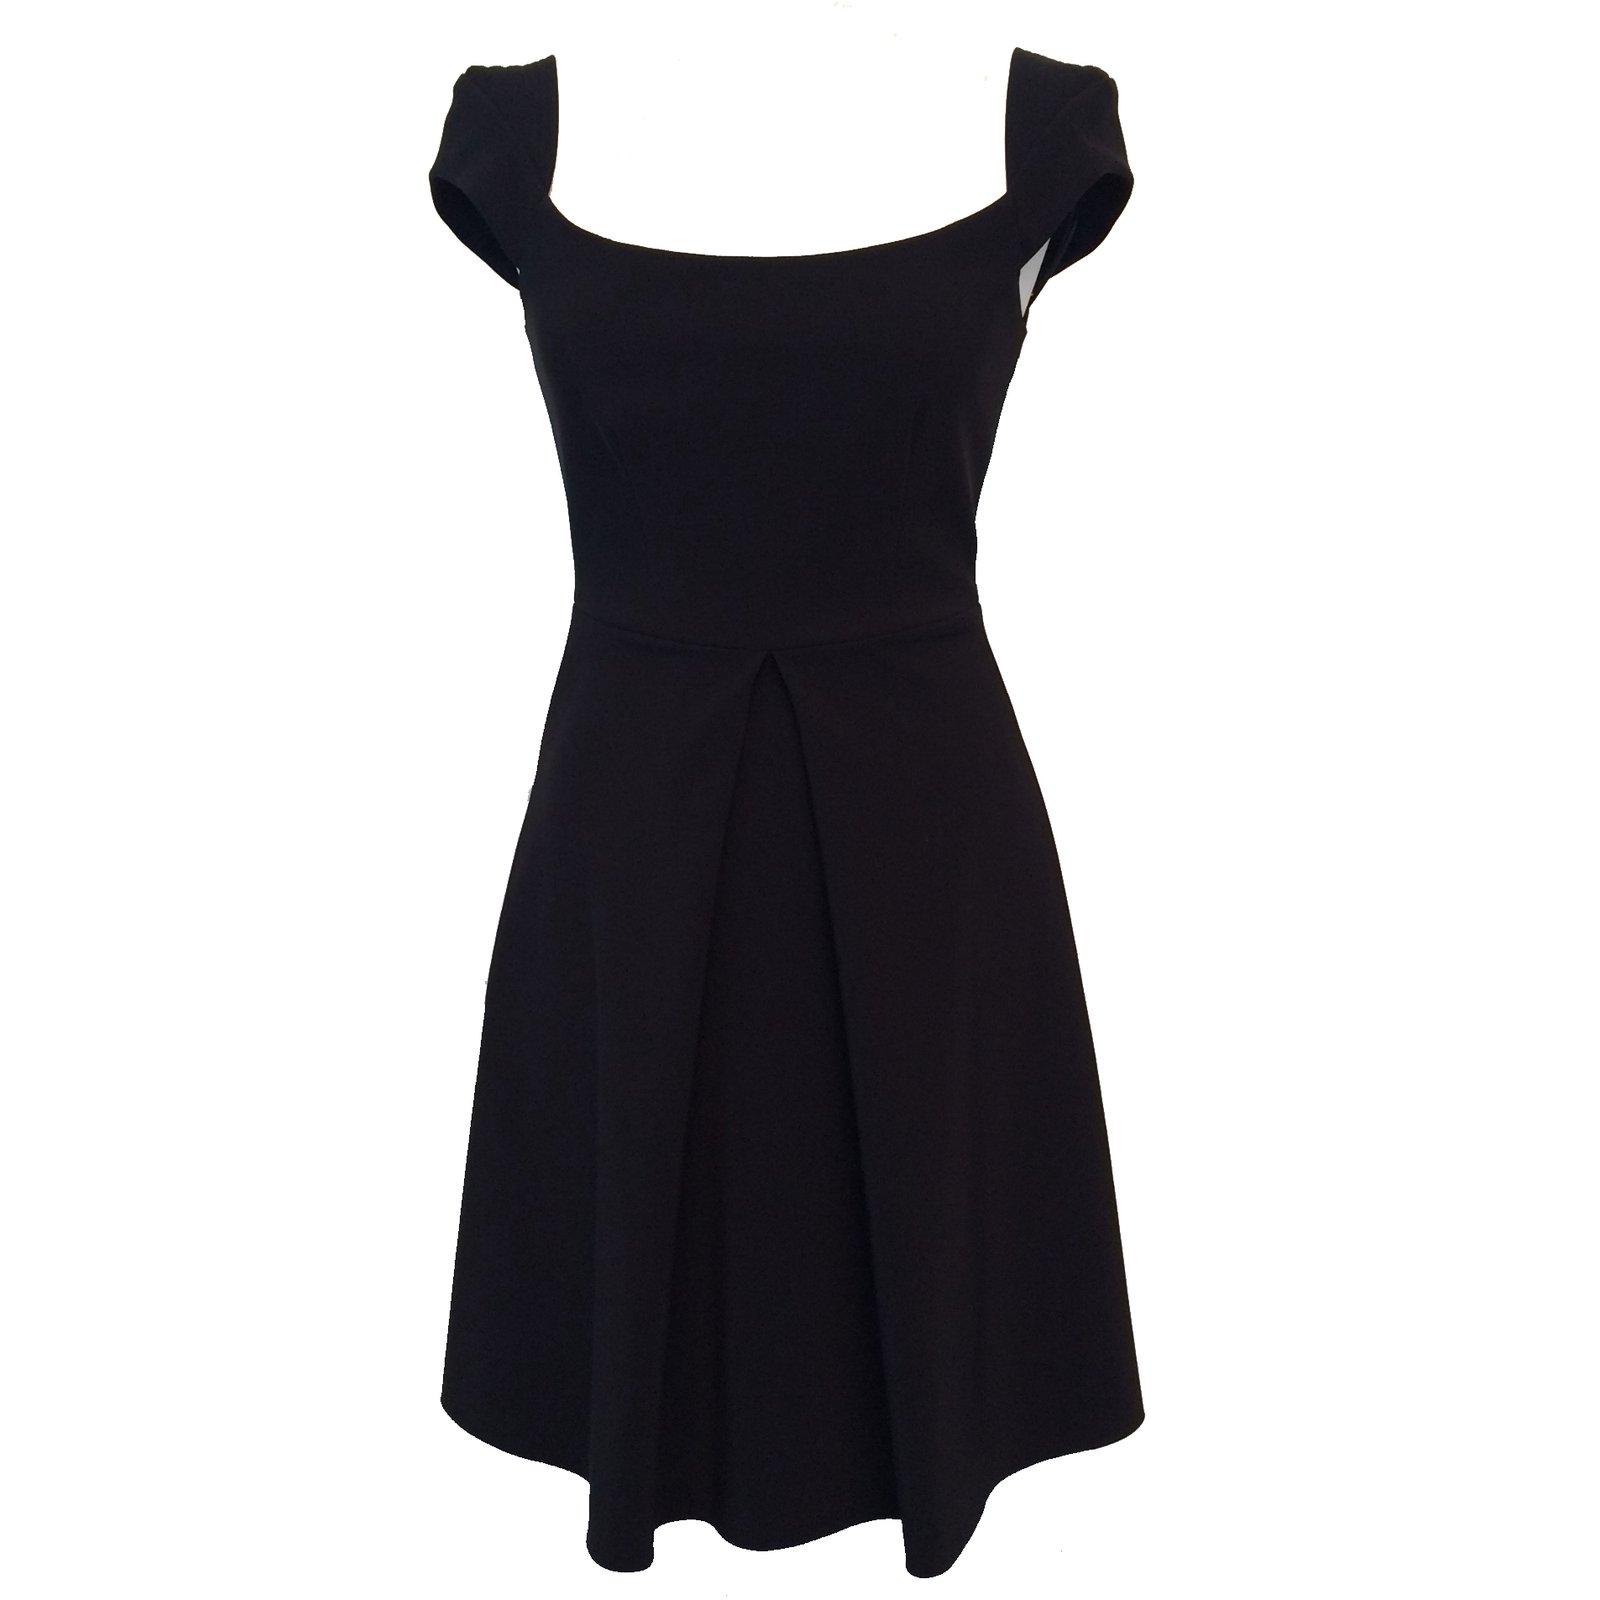 robes pinko petite robe noire autre noir joli closet. Black Bedroom Furniture Sets. Home Design Ideas